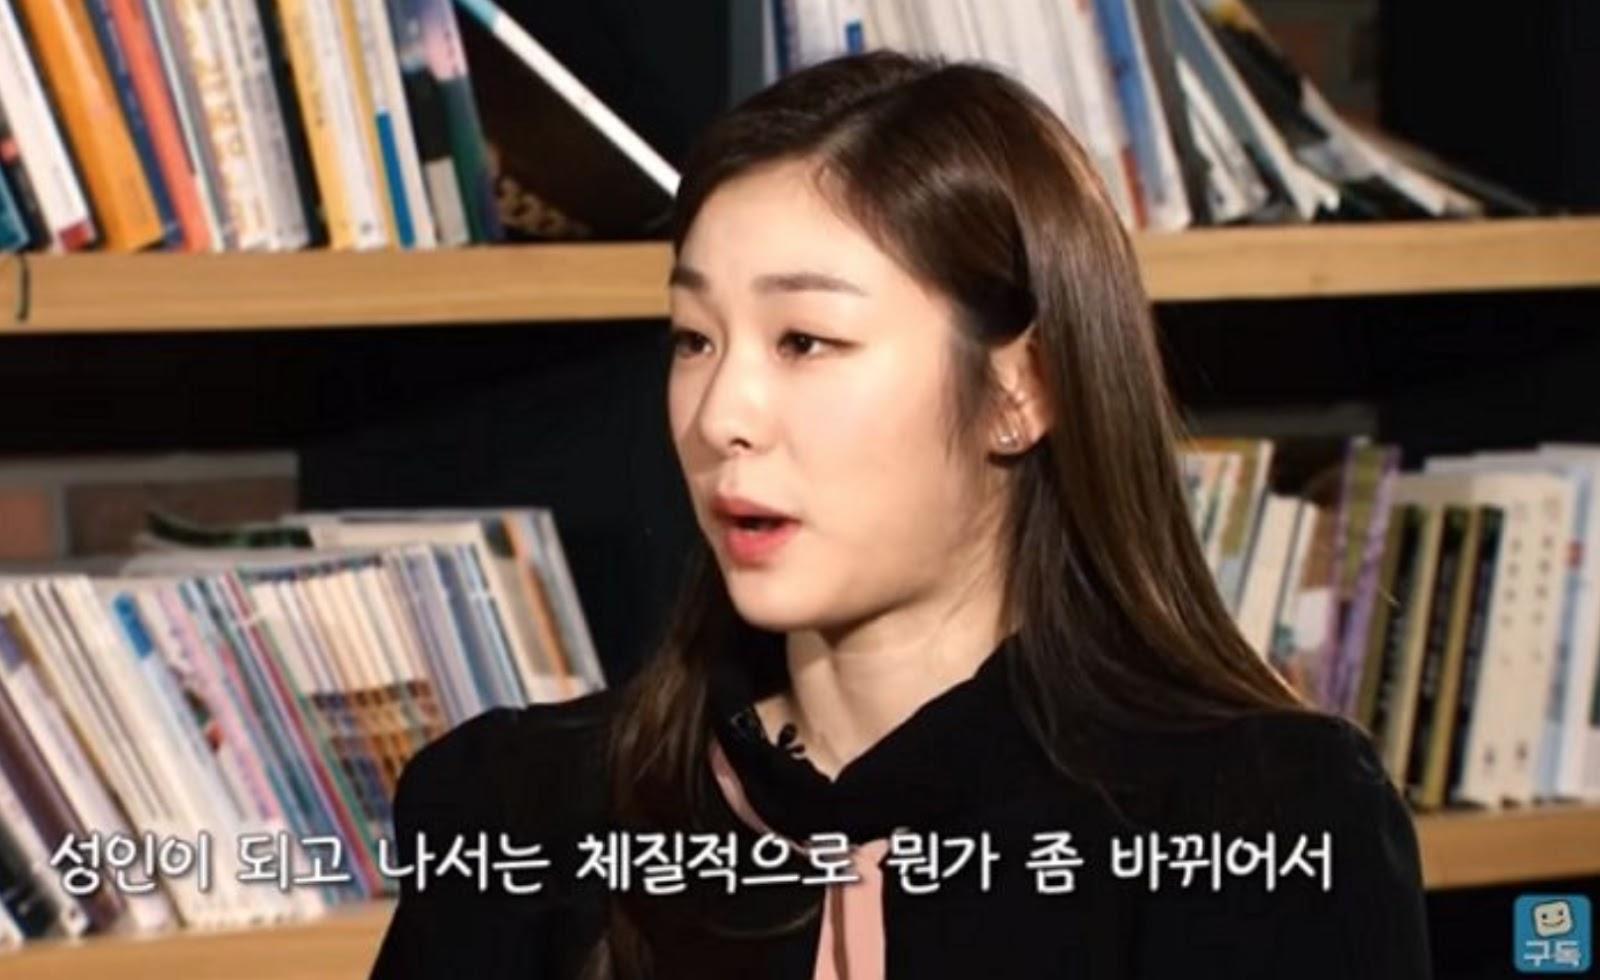 金妍儿解释了她不再节食的原因